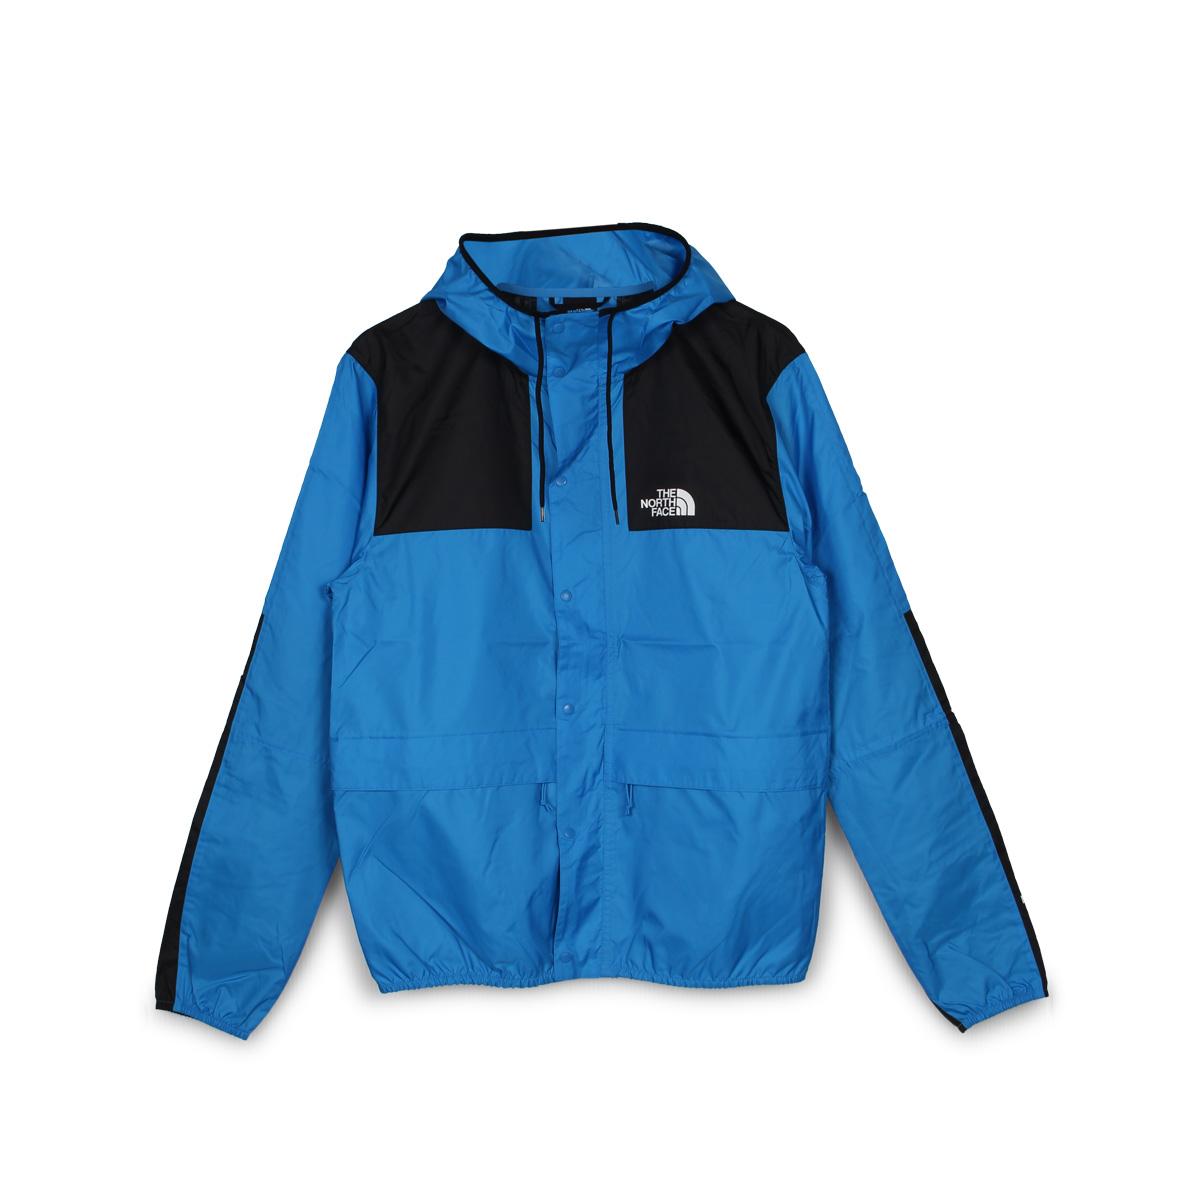 【最大600円OFFクーポン】 THE NORTH FACE 1985 SEASONAL MOUNTAIN JACKET ノースフェイス ジャケット マウンテンジャケット メンズ ブルー NF00CH37